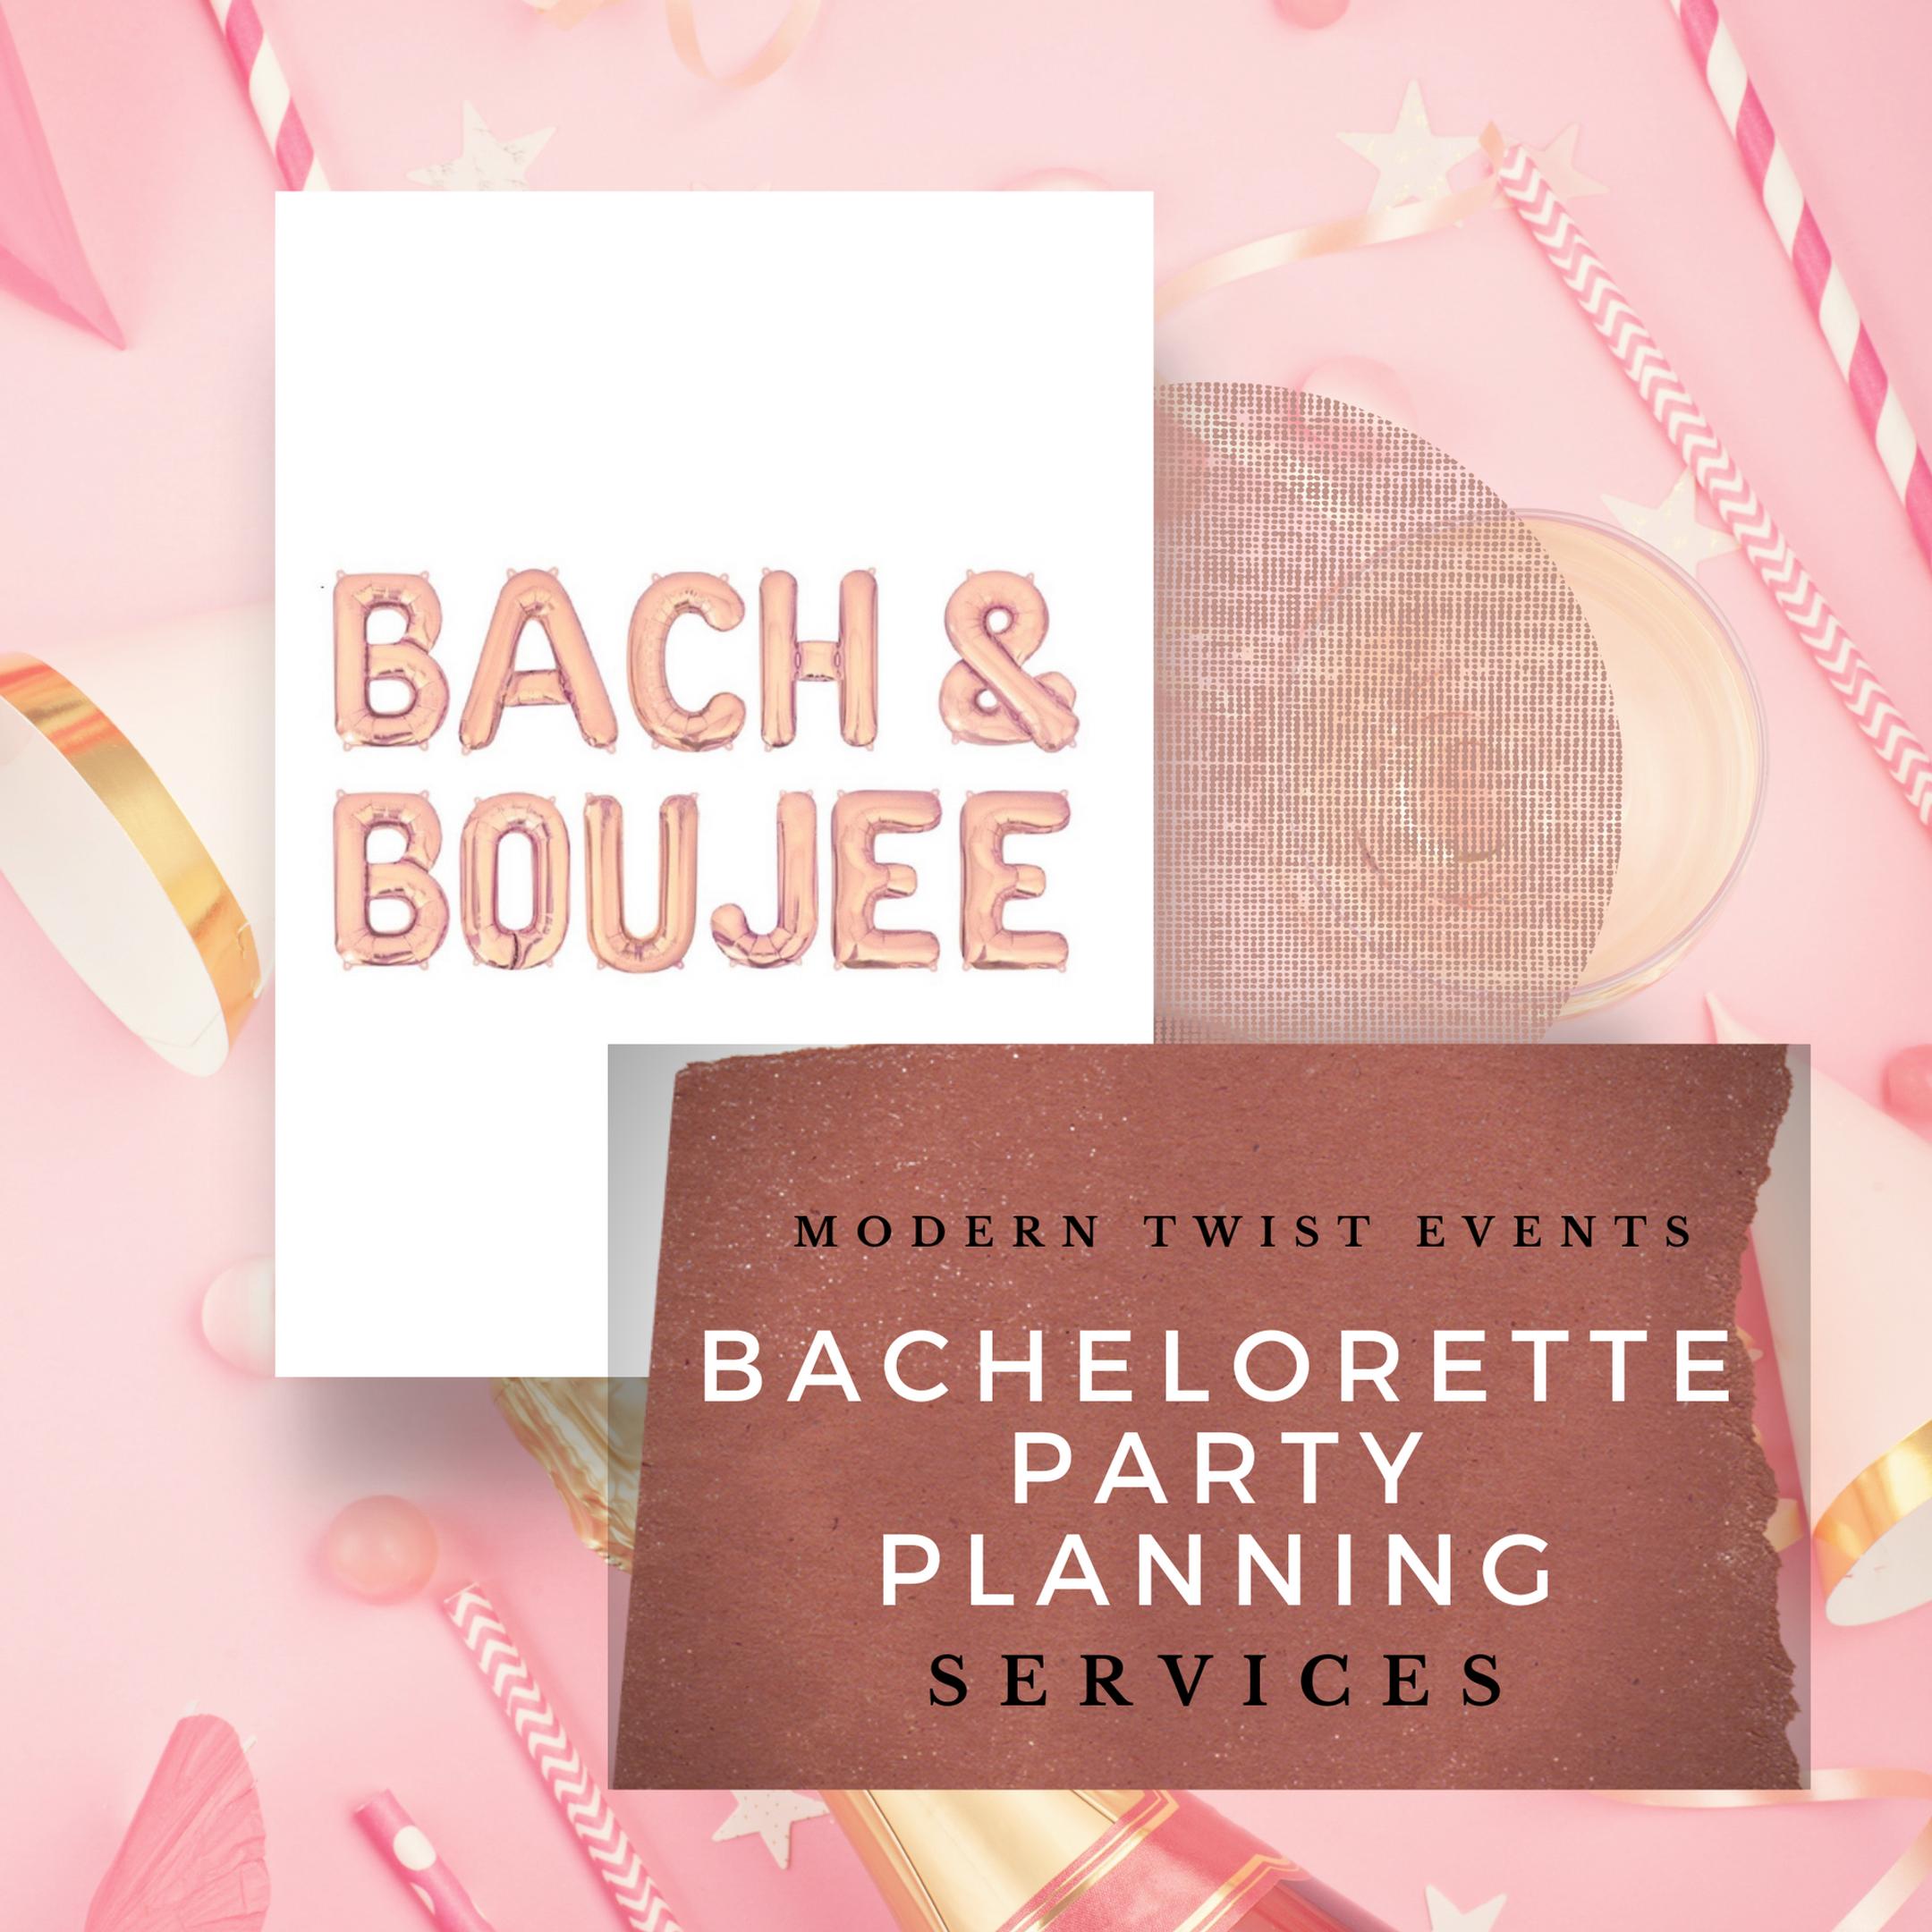 Bach & Boujee